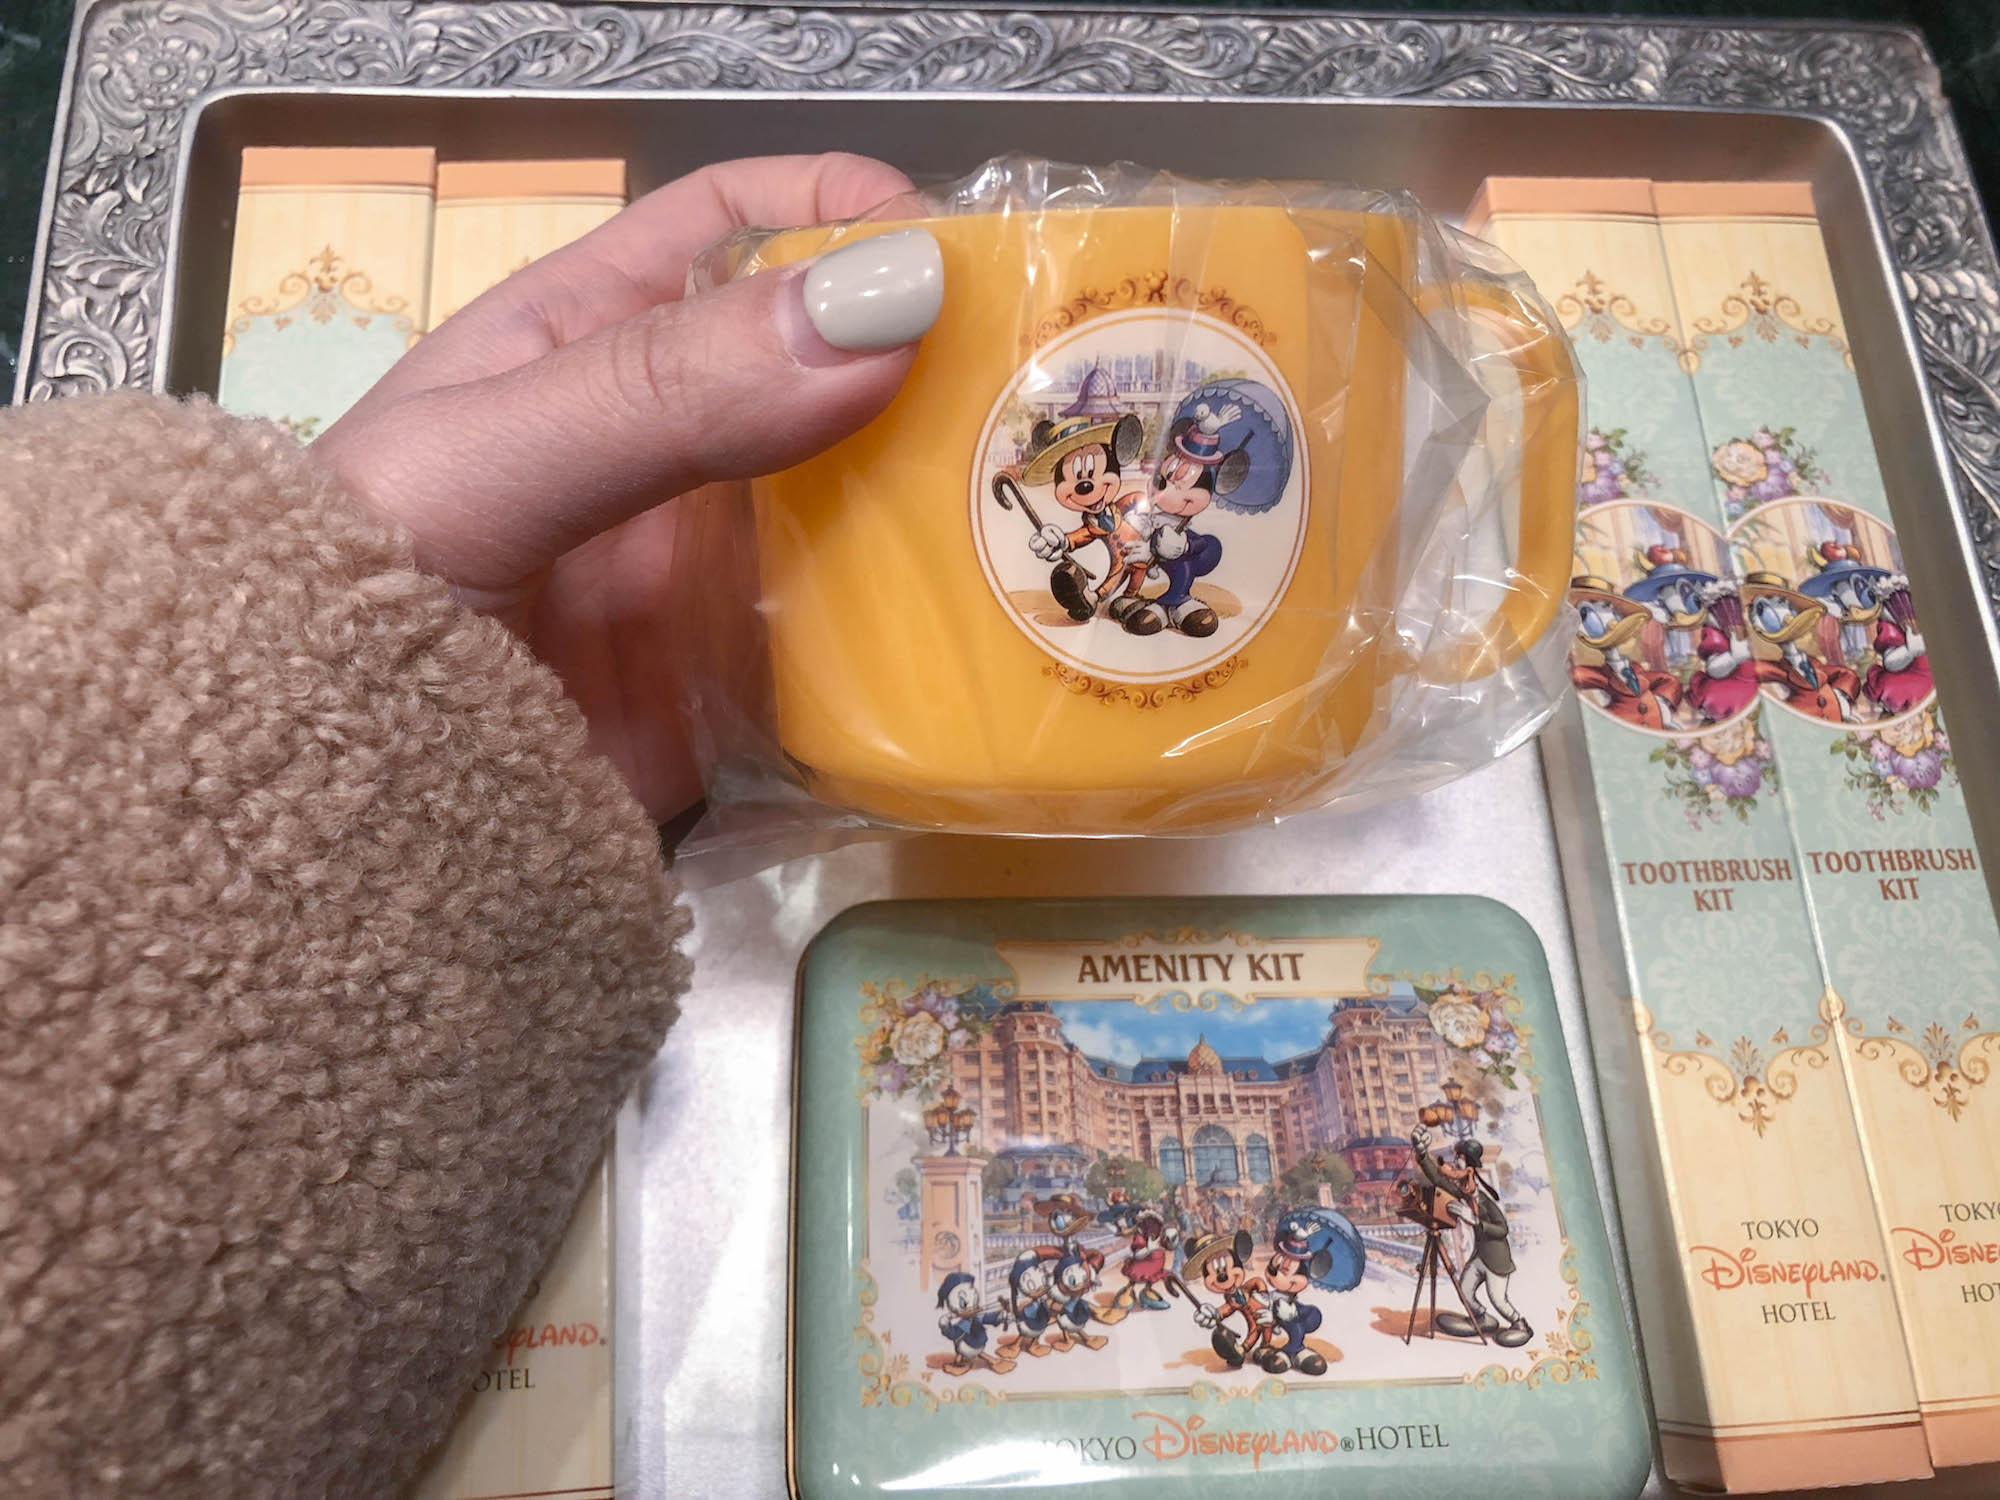 東京迪士尼飯店_美女與野獸房盥洗用品1